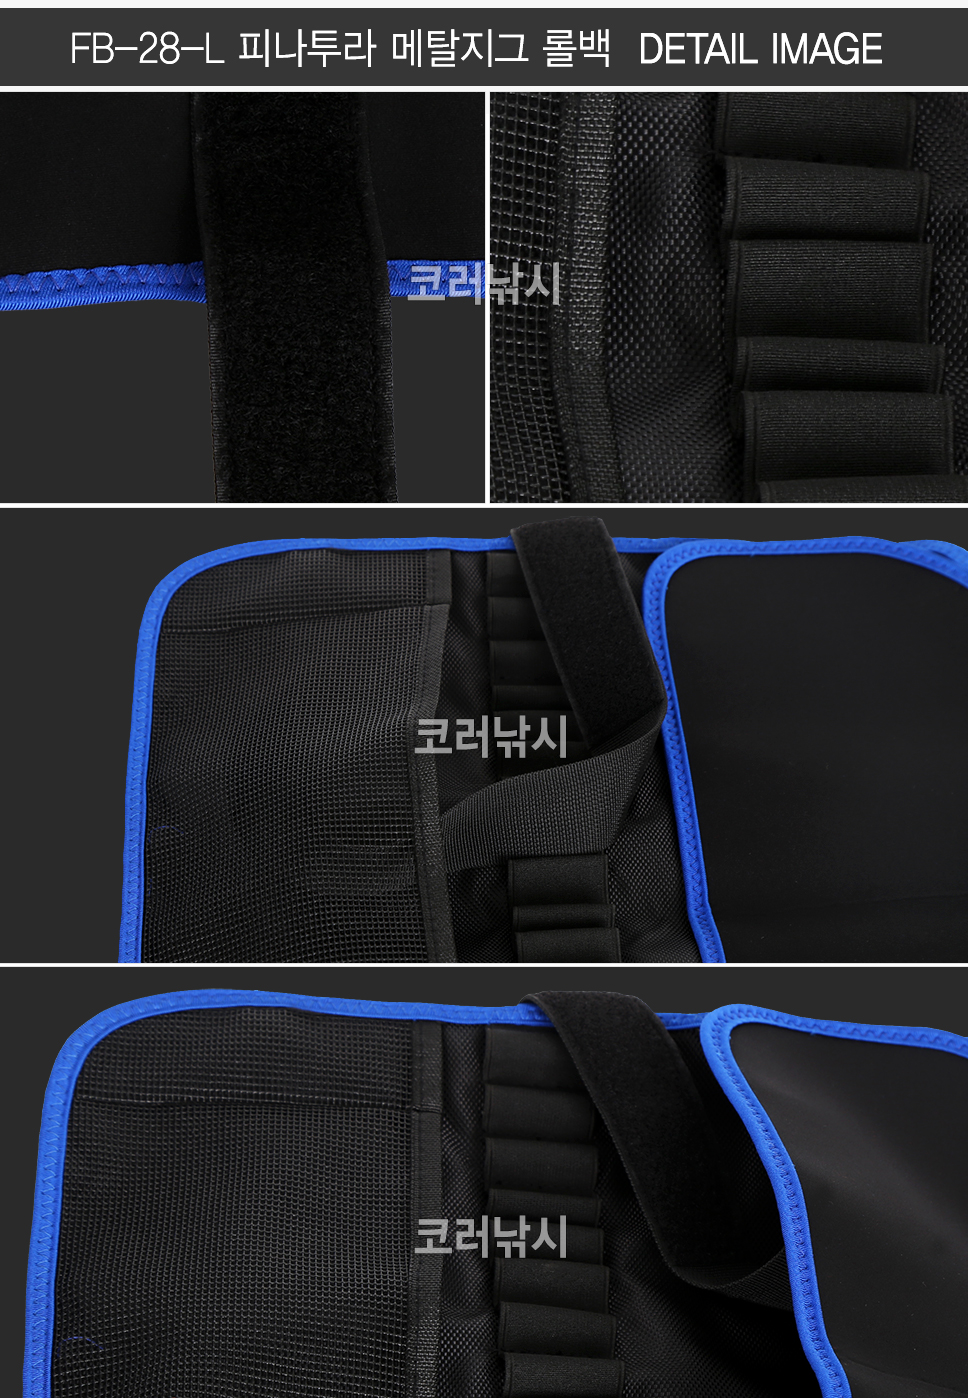 피나투라 메탈지그 롤백 FB-28 지그백 지그가방 지그케이스 메탈지그케이스